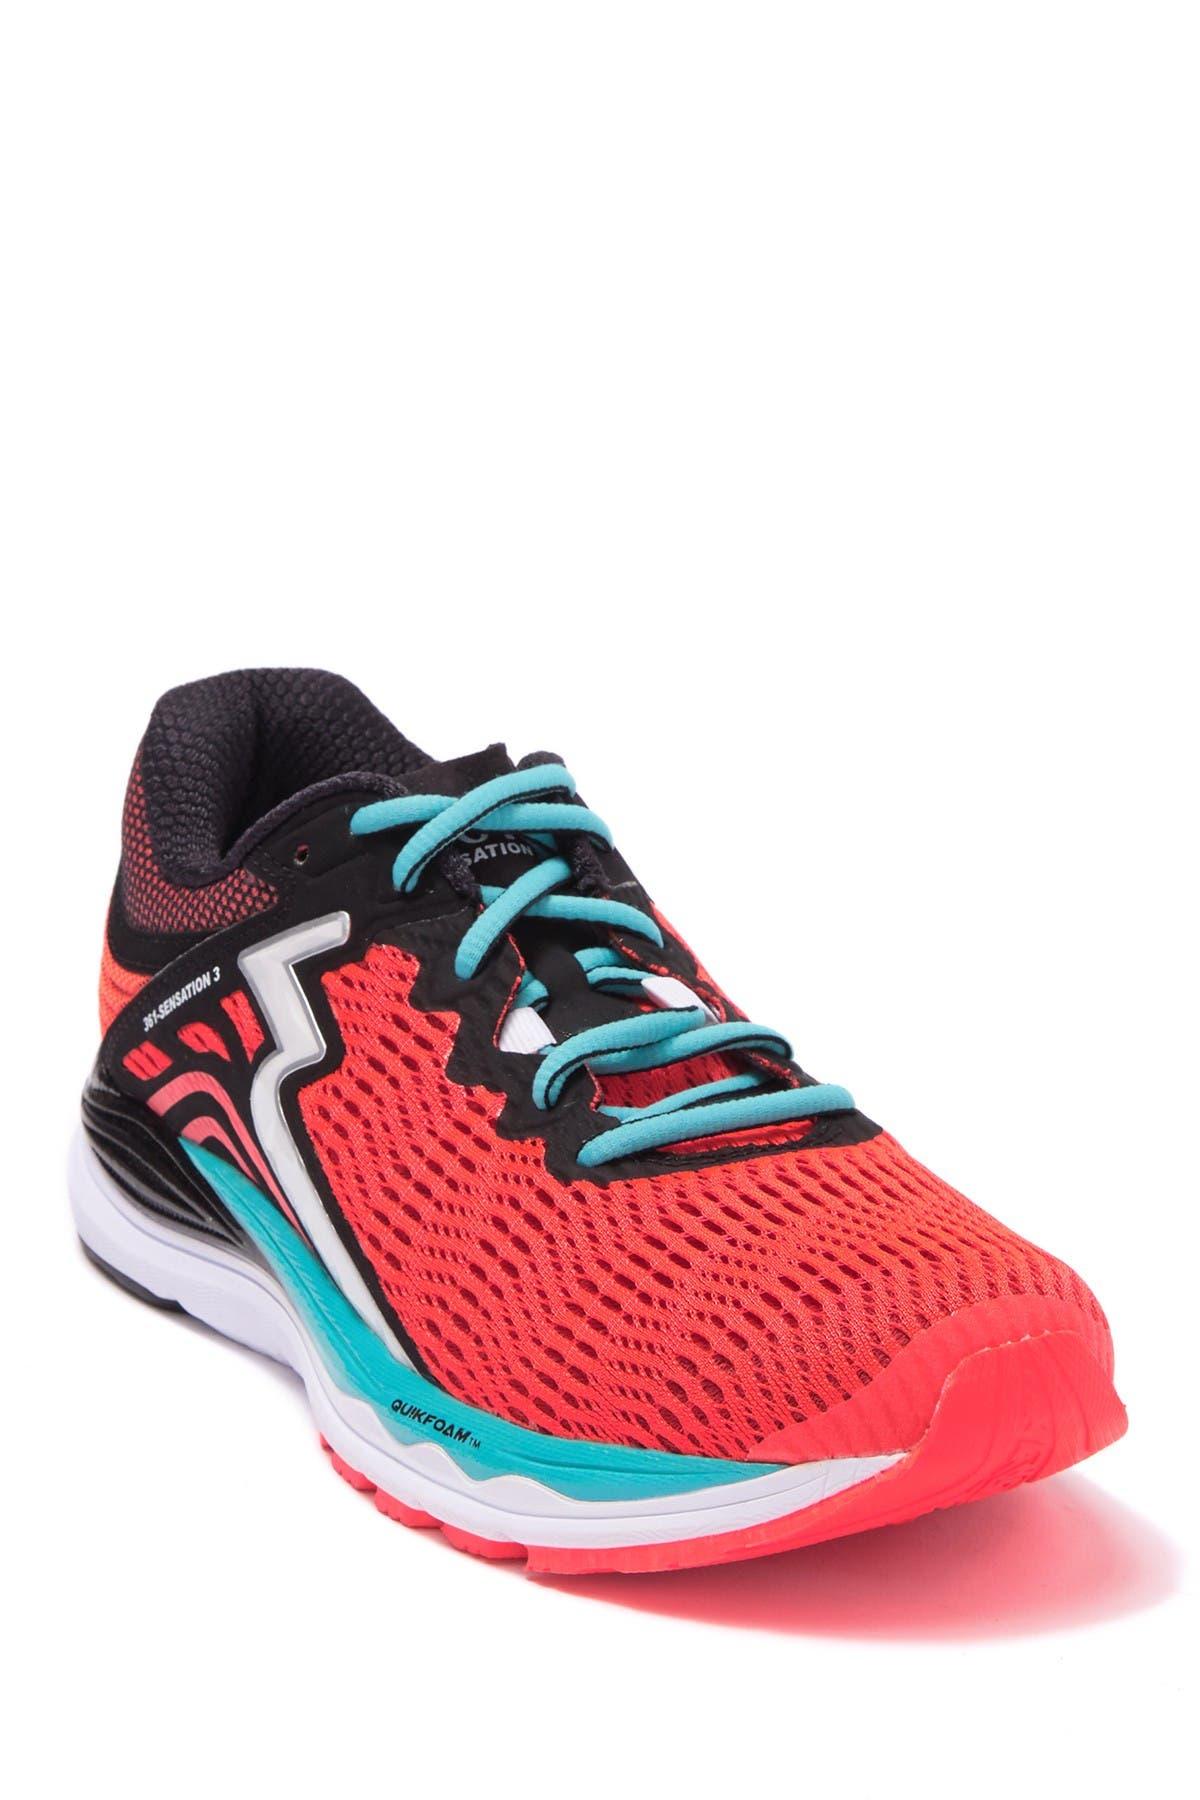 Image of 361 Degrees Sensation 3 Training Sneaker